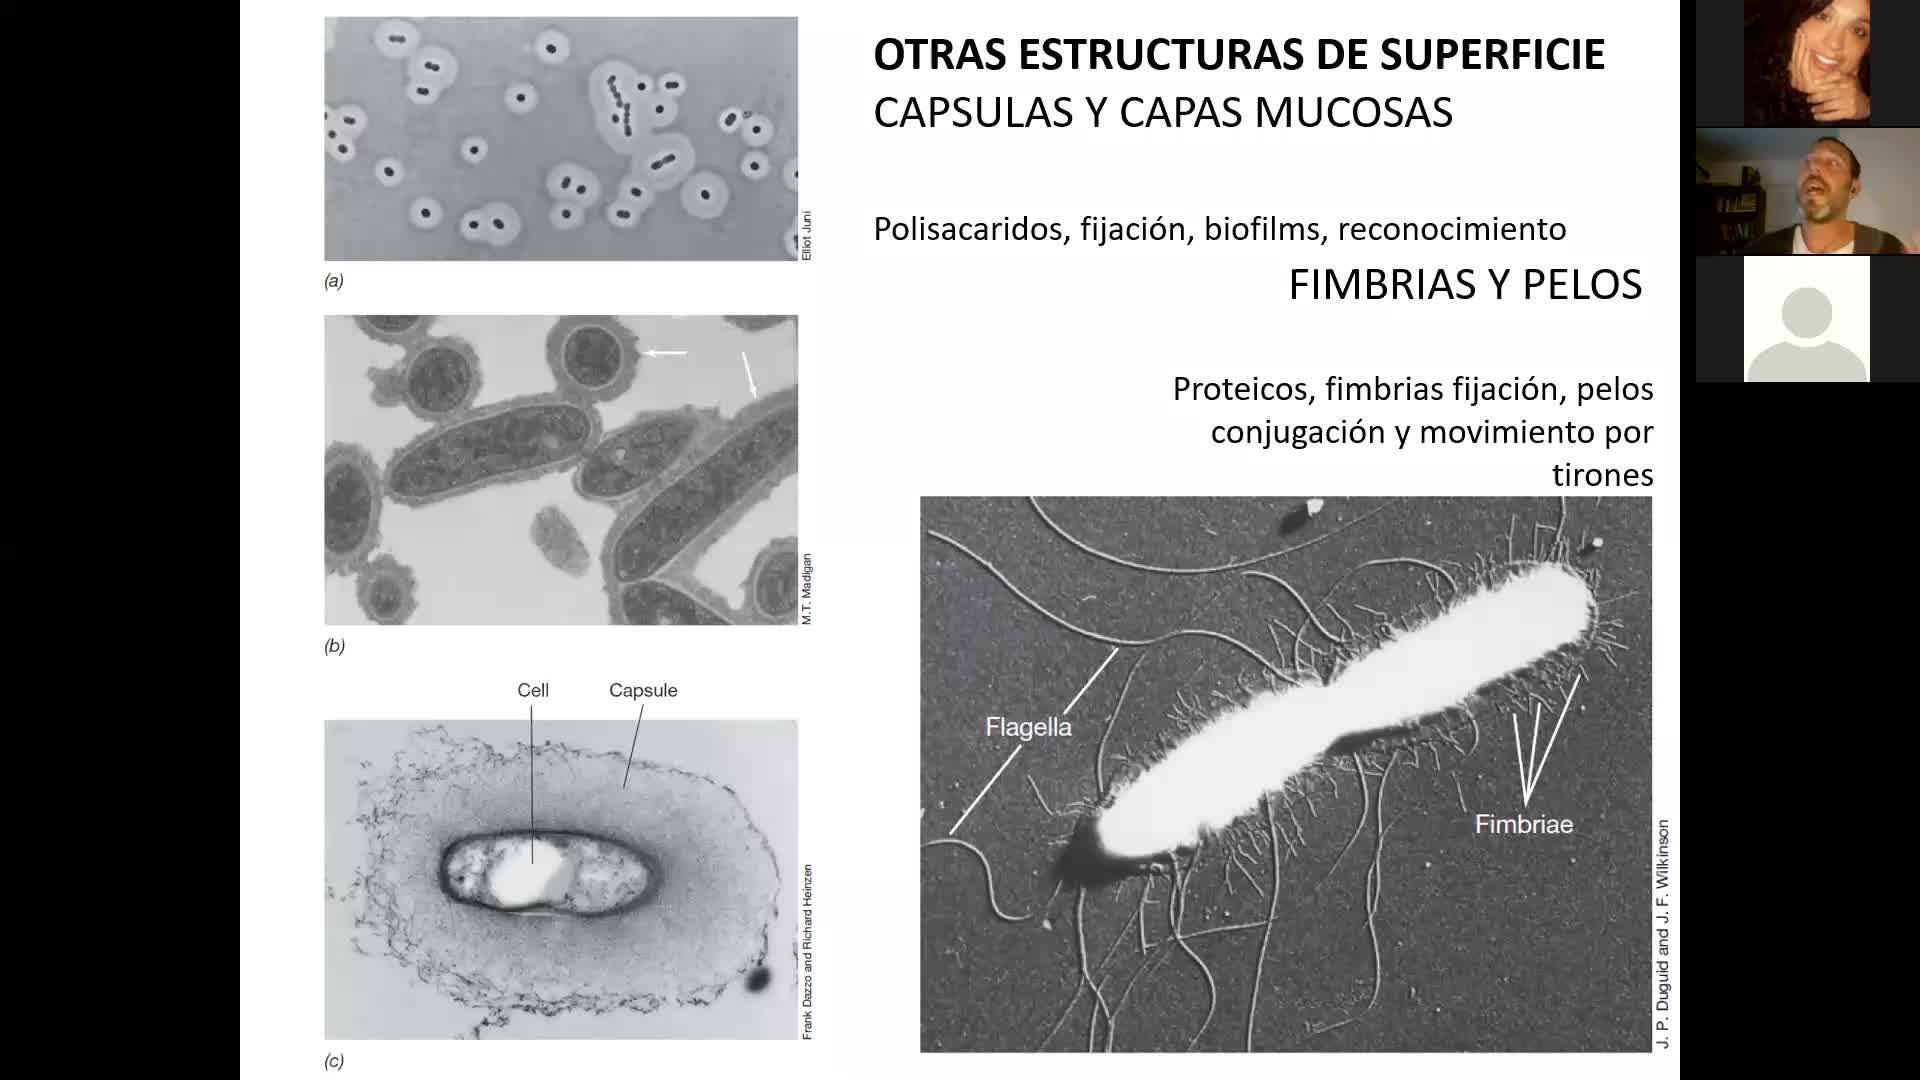 Microbiologia Agricola UT2 parte 2 y UT3 parte 1